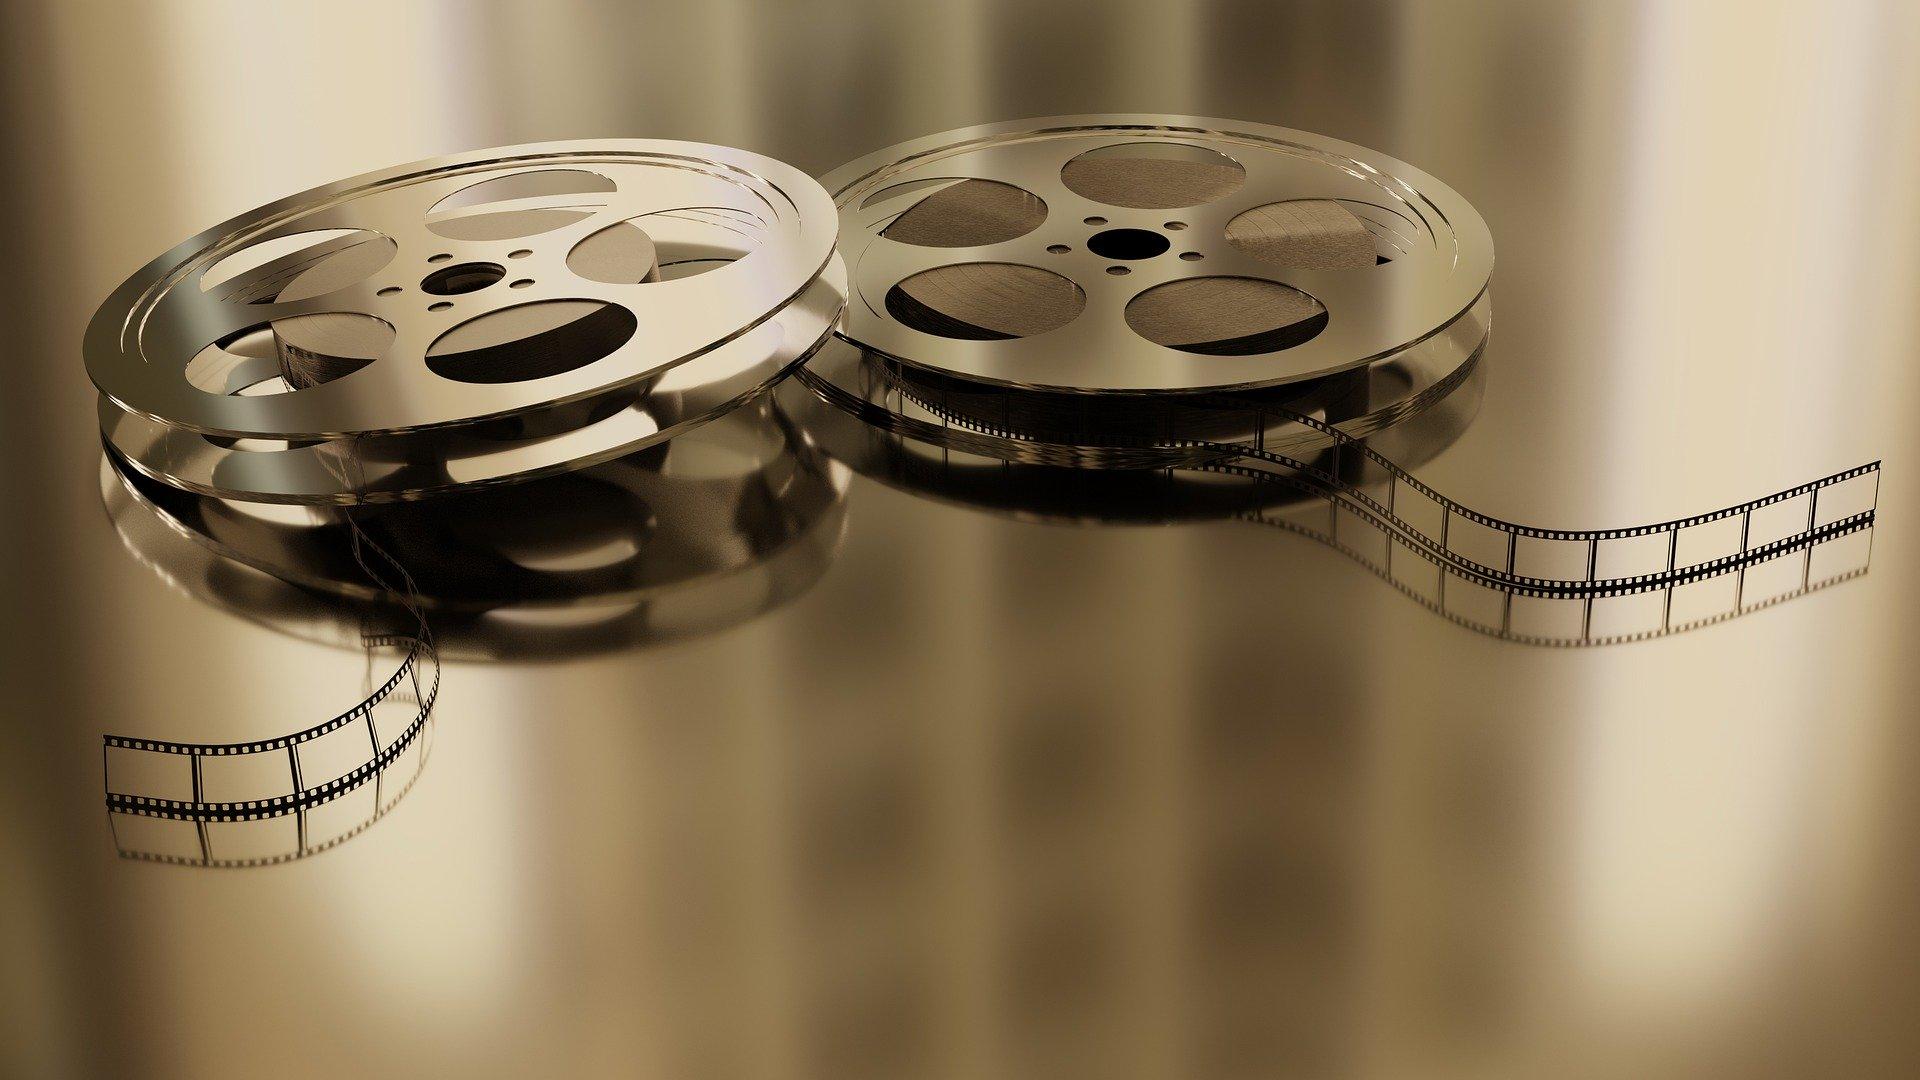 SGUARDI D'AUTORE Corso sul linguaggio audiovisivo-cinematografico in biblioteca